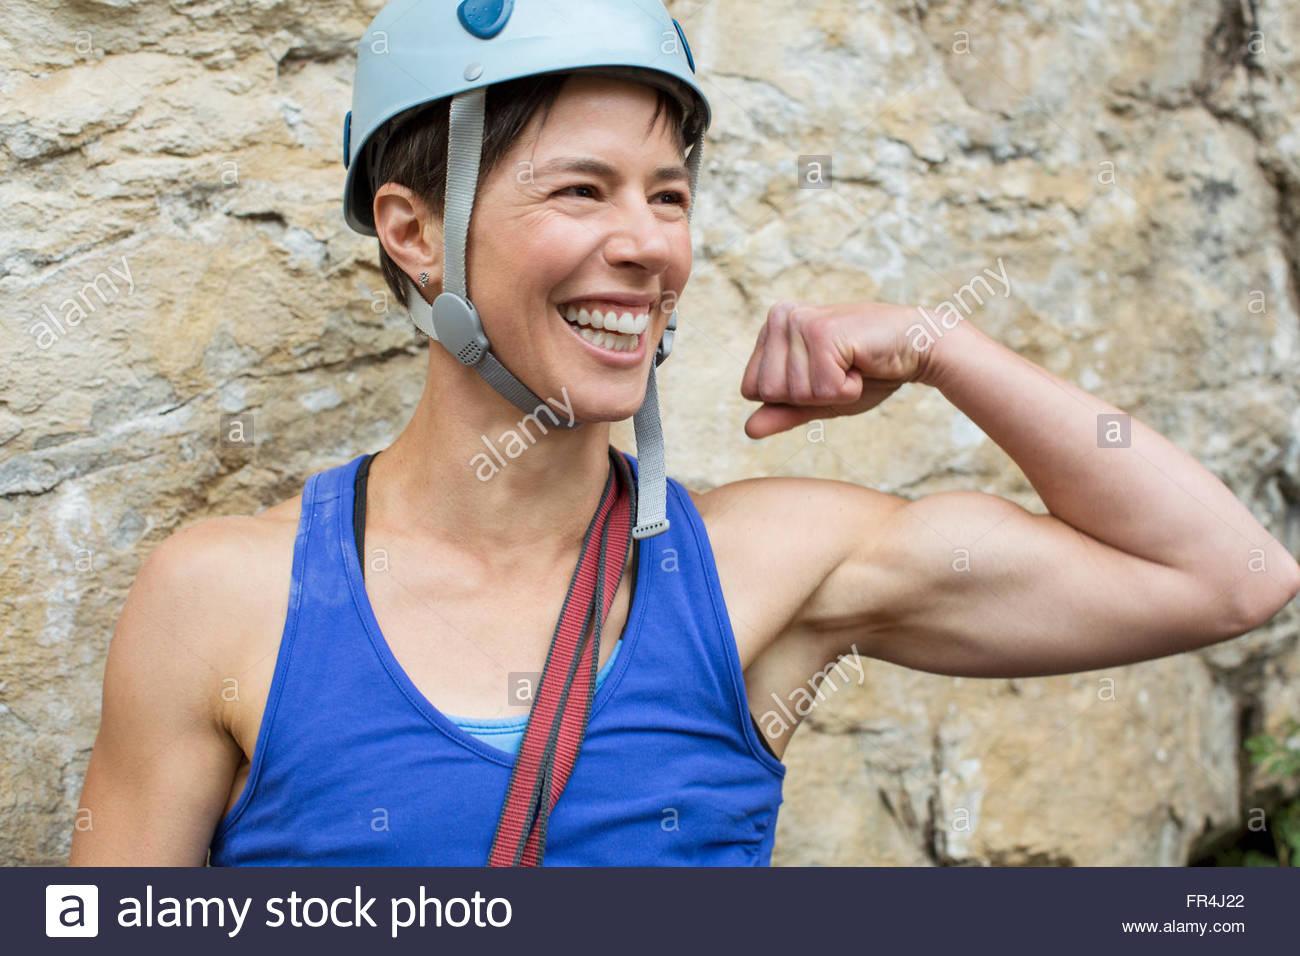 Female Rock scalatore che mostra i muscoli off Immagini Stock